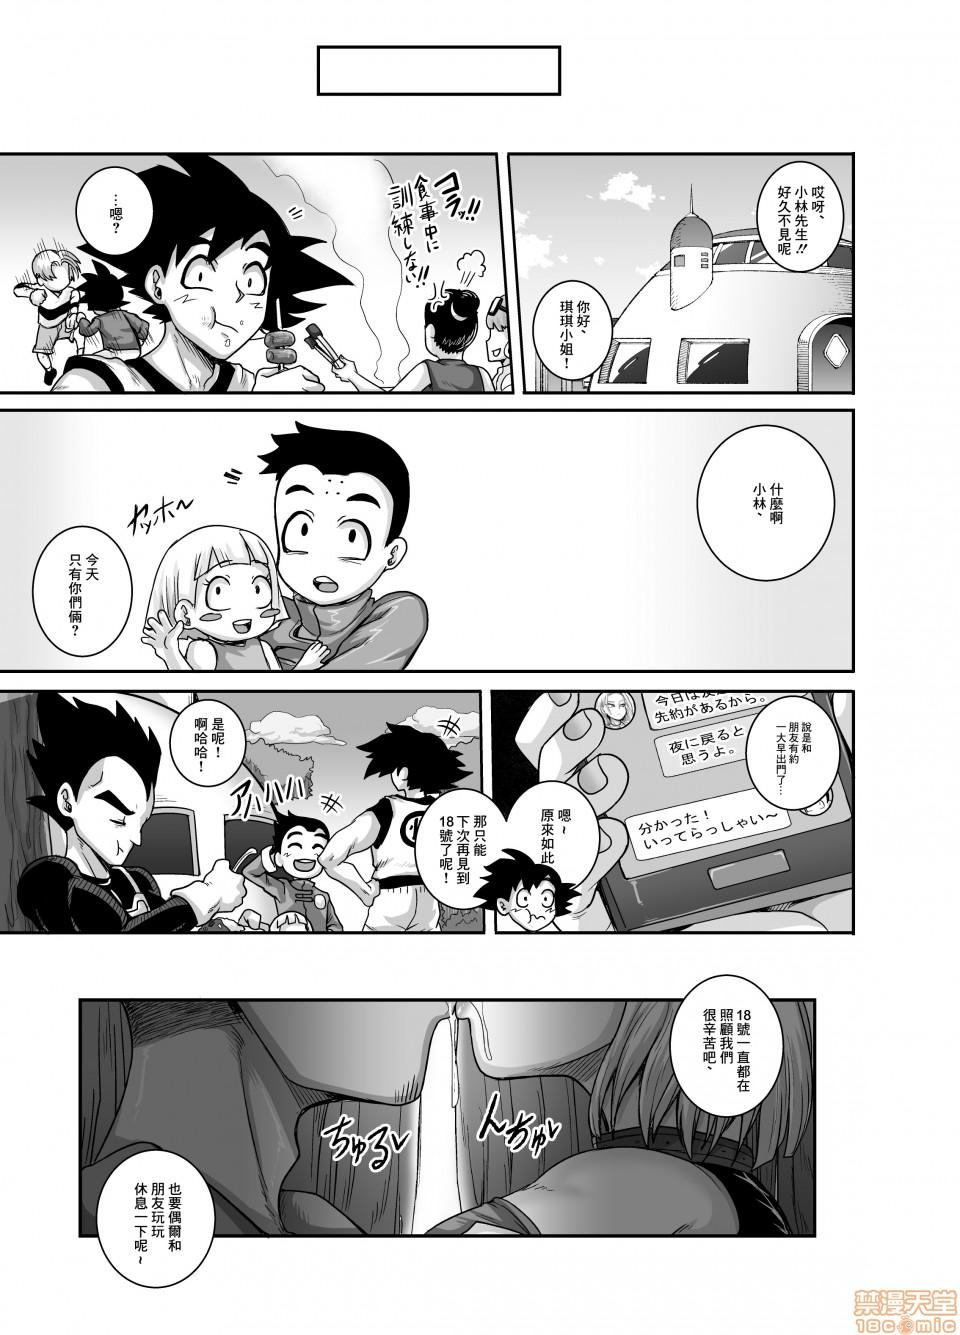 性欲に勝てないオンナ(人造人間)+ フルカラー4ページ漫画(ラフタリア&ツナデ) 31